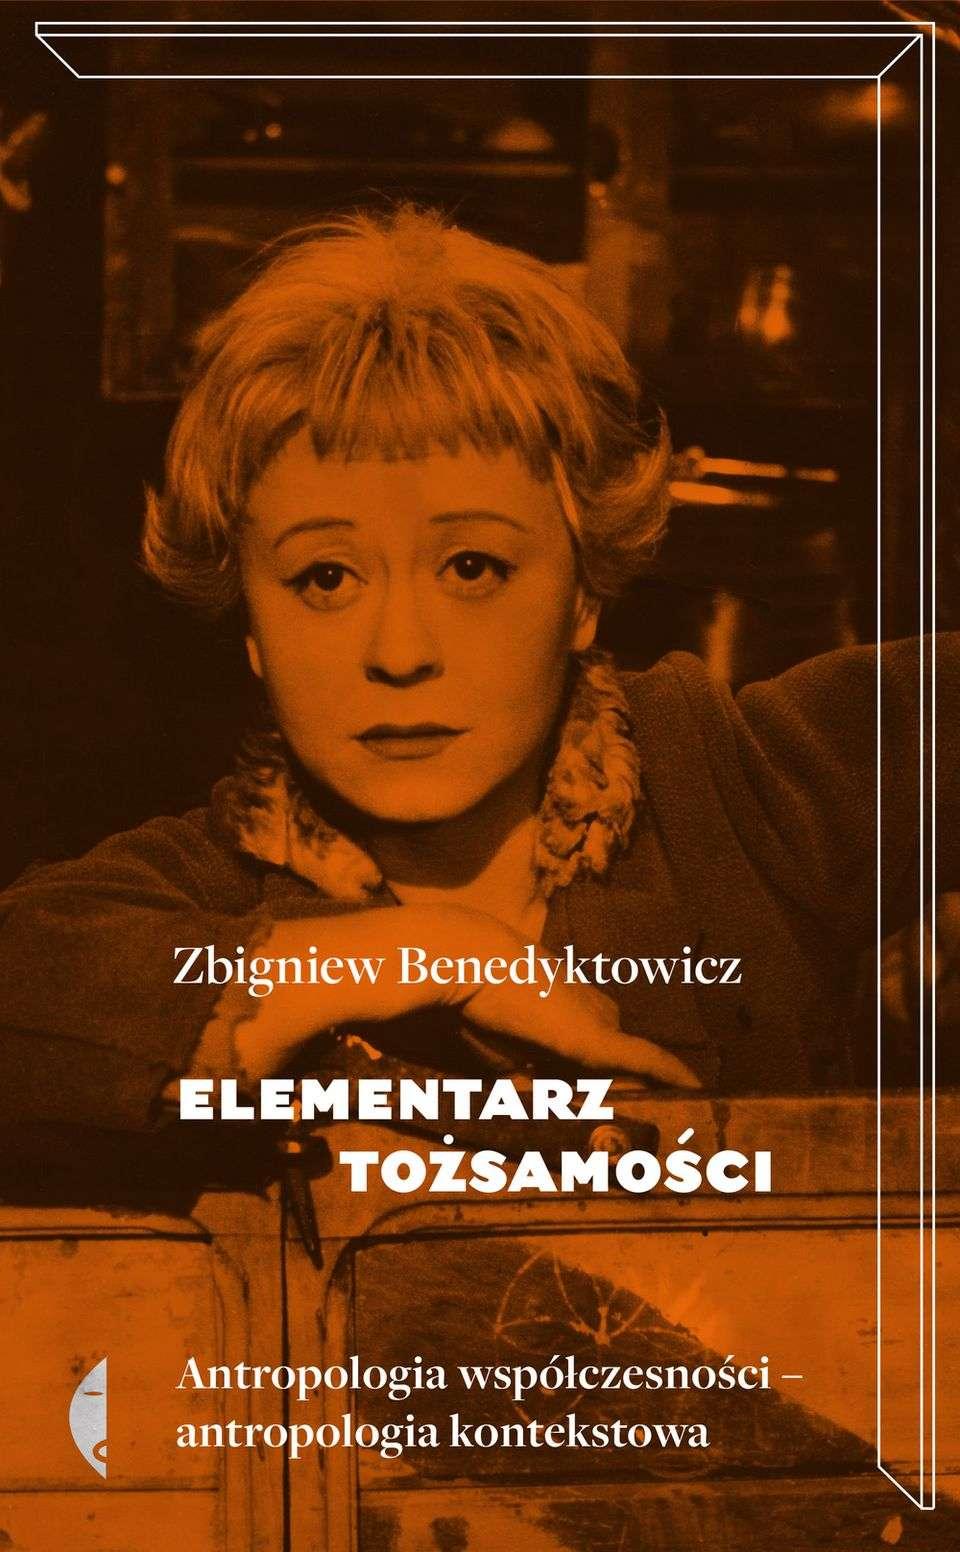 Elementarz_tozsamosci._Antropologia_wspolczesnosci___antropologia_kontekstowa